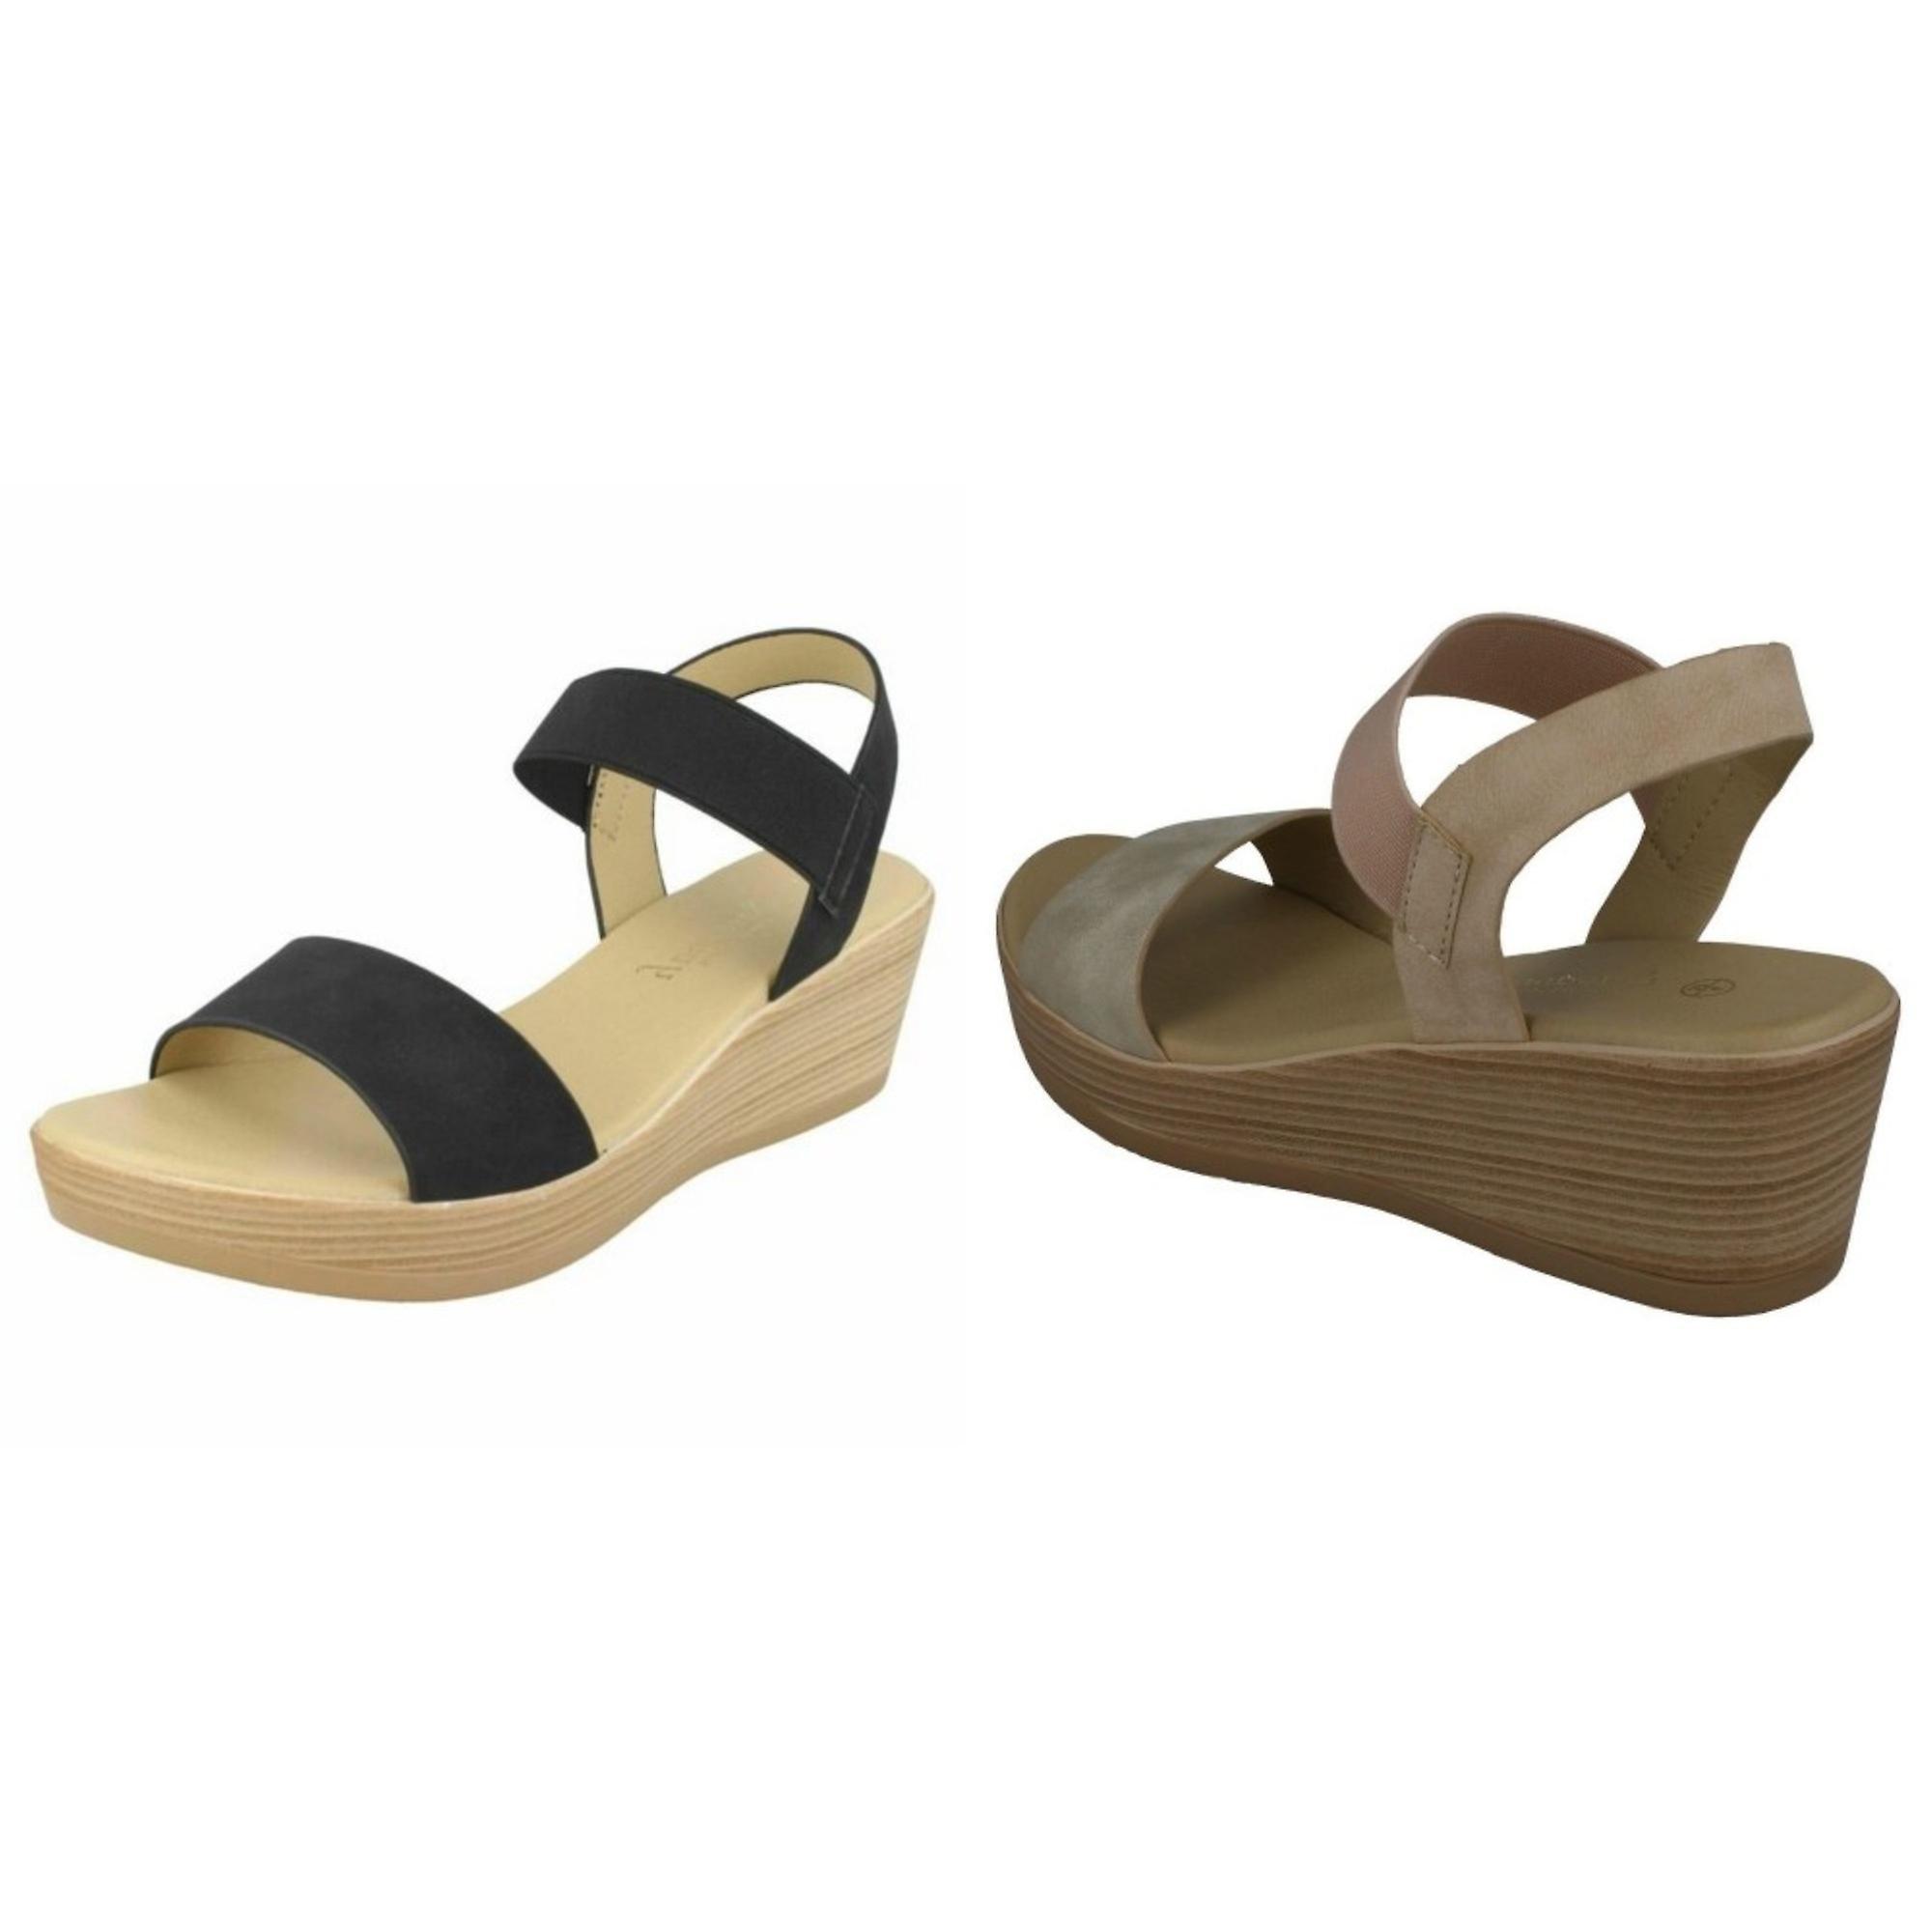 Savannah Womens/Ladies Mid Wedge Sandals X1W2y